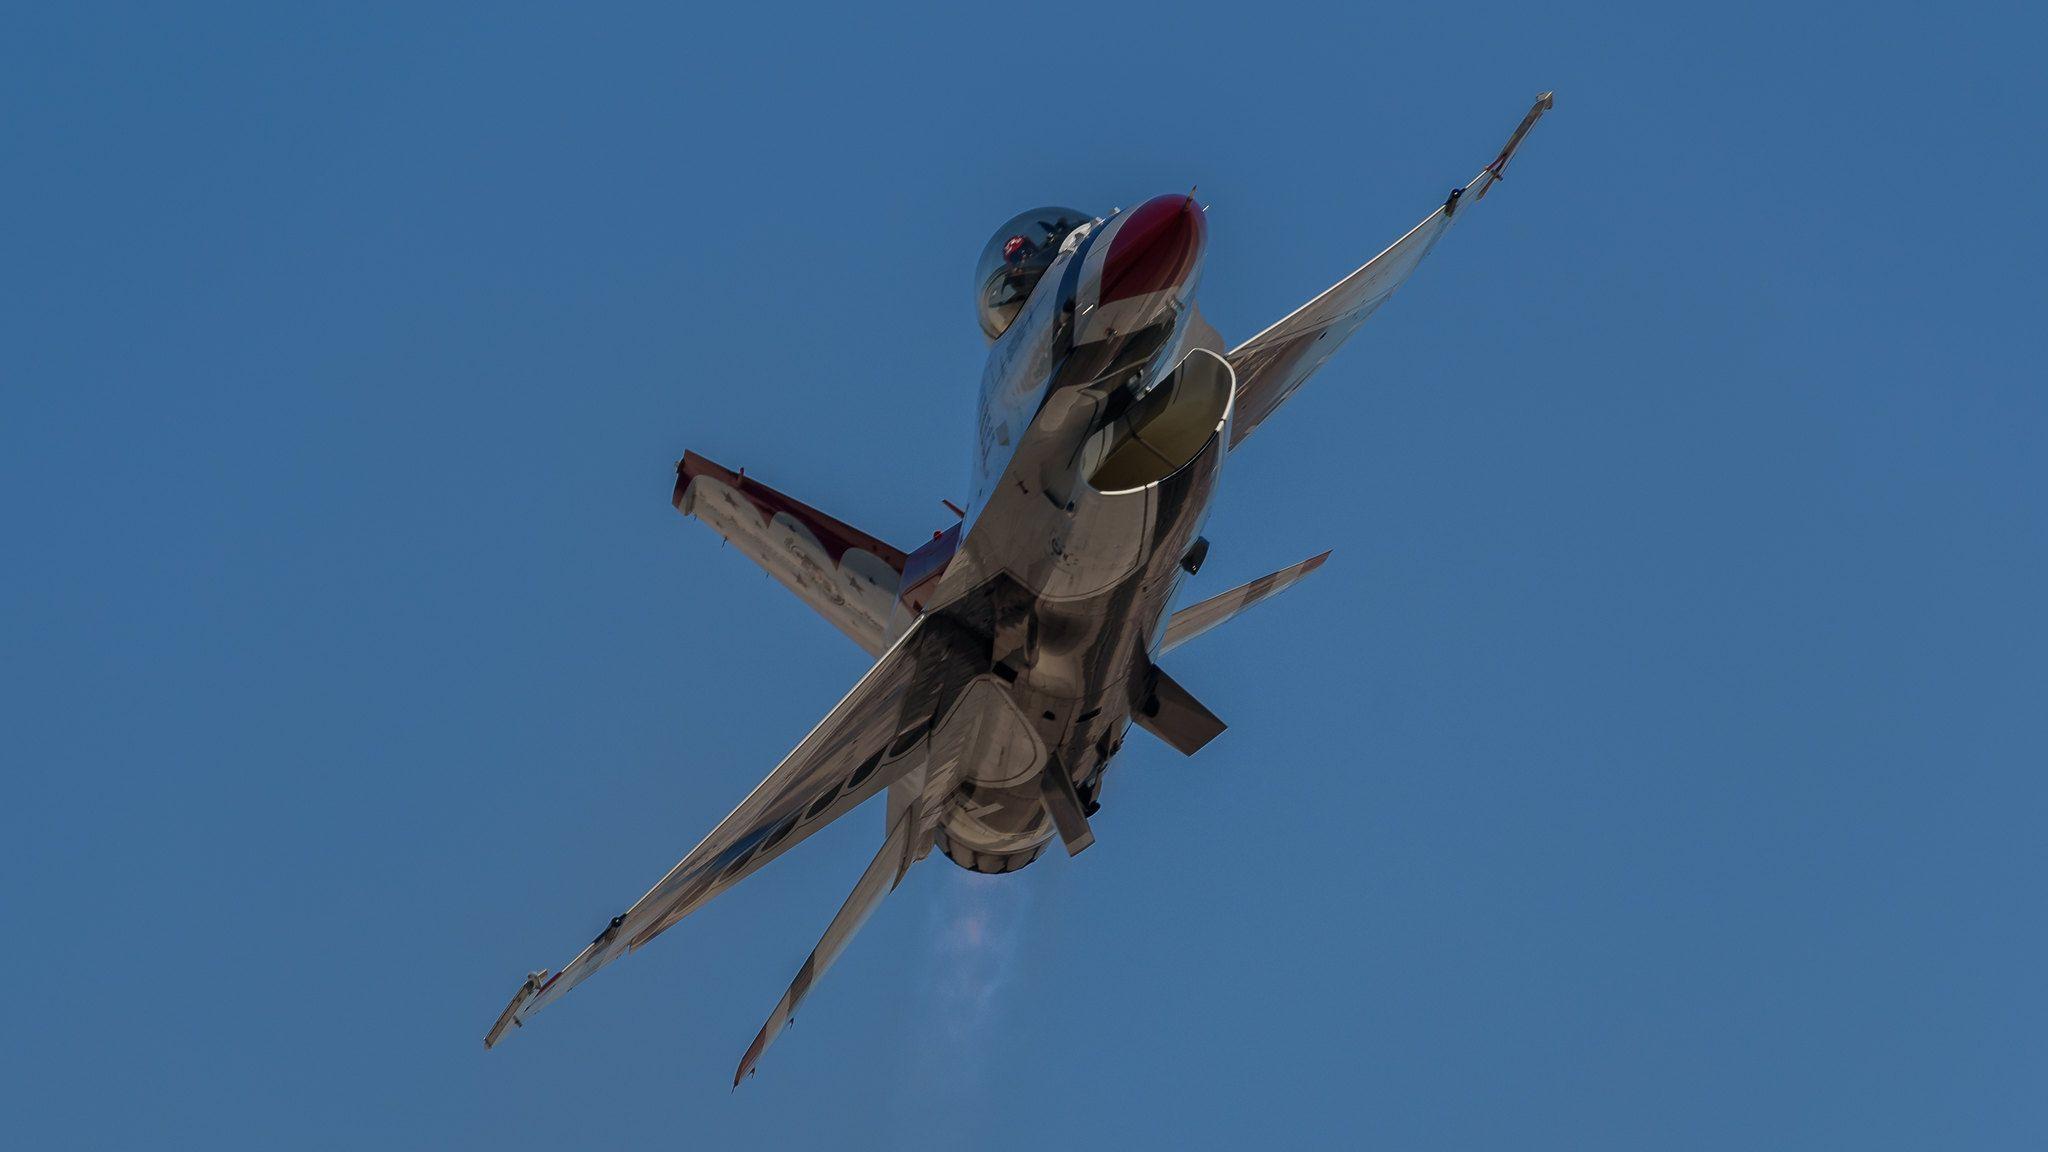 Usaf Thunderbirds Flight Demonstration Sneak Pass Usaf Thunderbirds Usaf Thunderbird